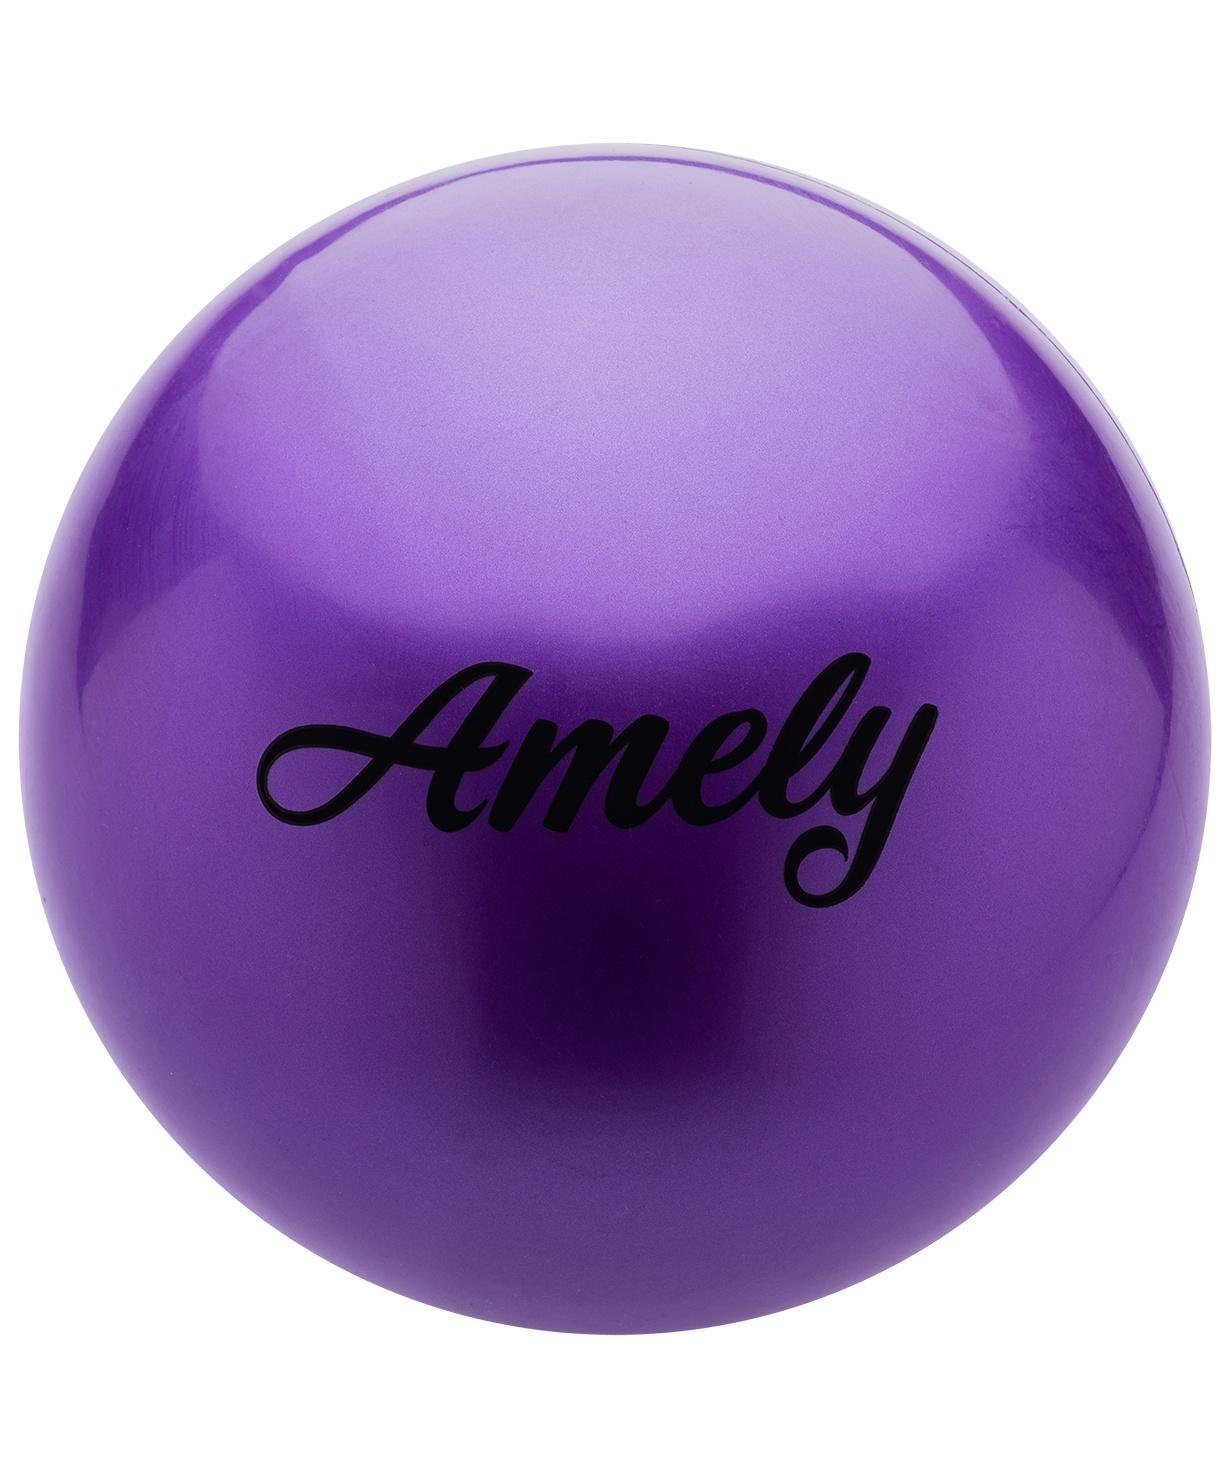 Мяч для художественной гимнастики Amely Agb-101, 19 см, фиолетовый цена